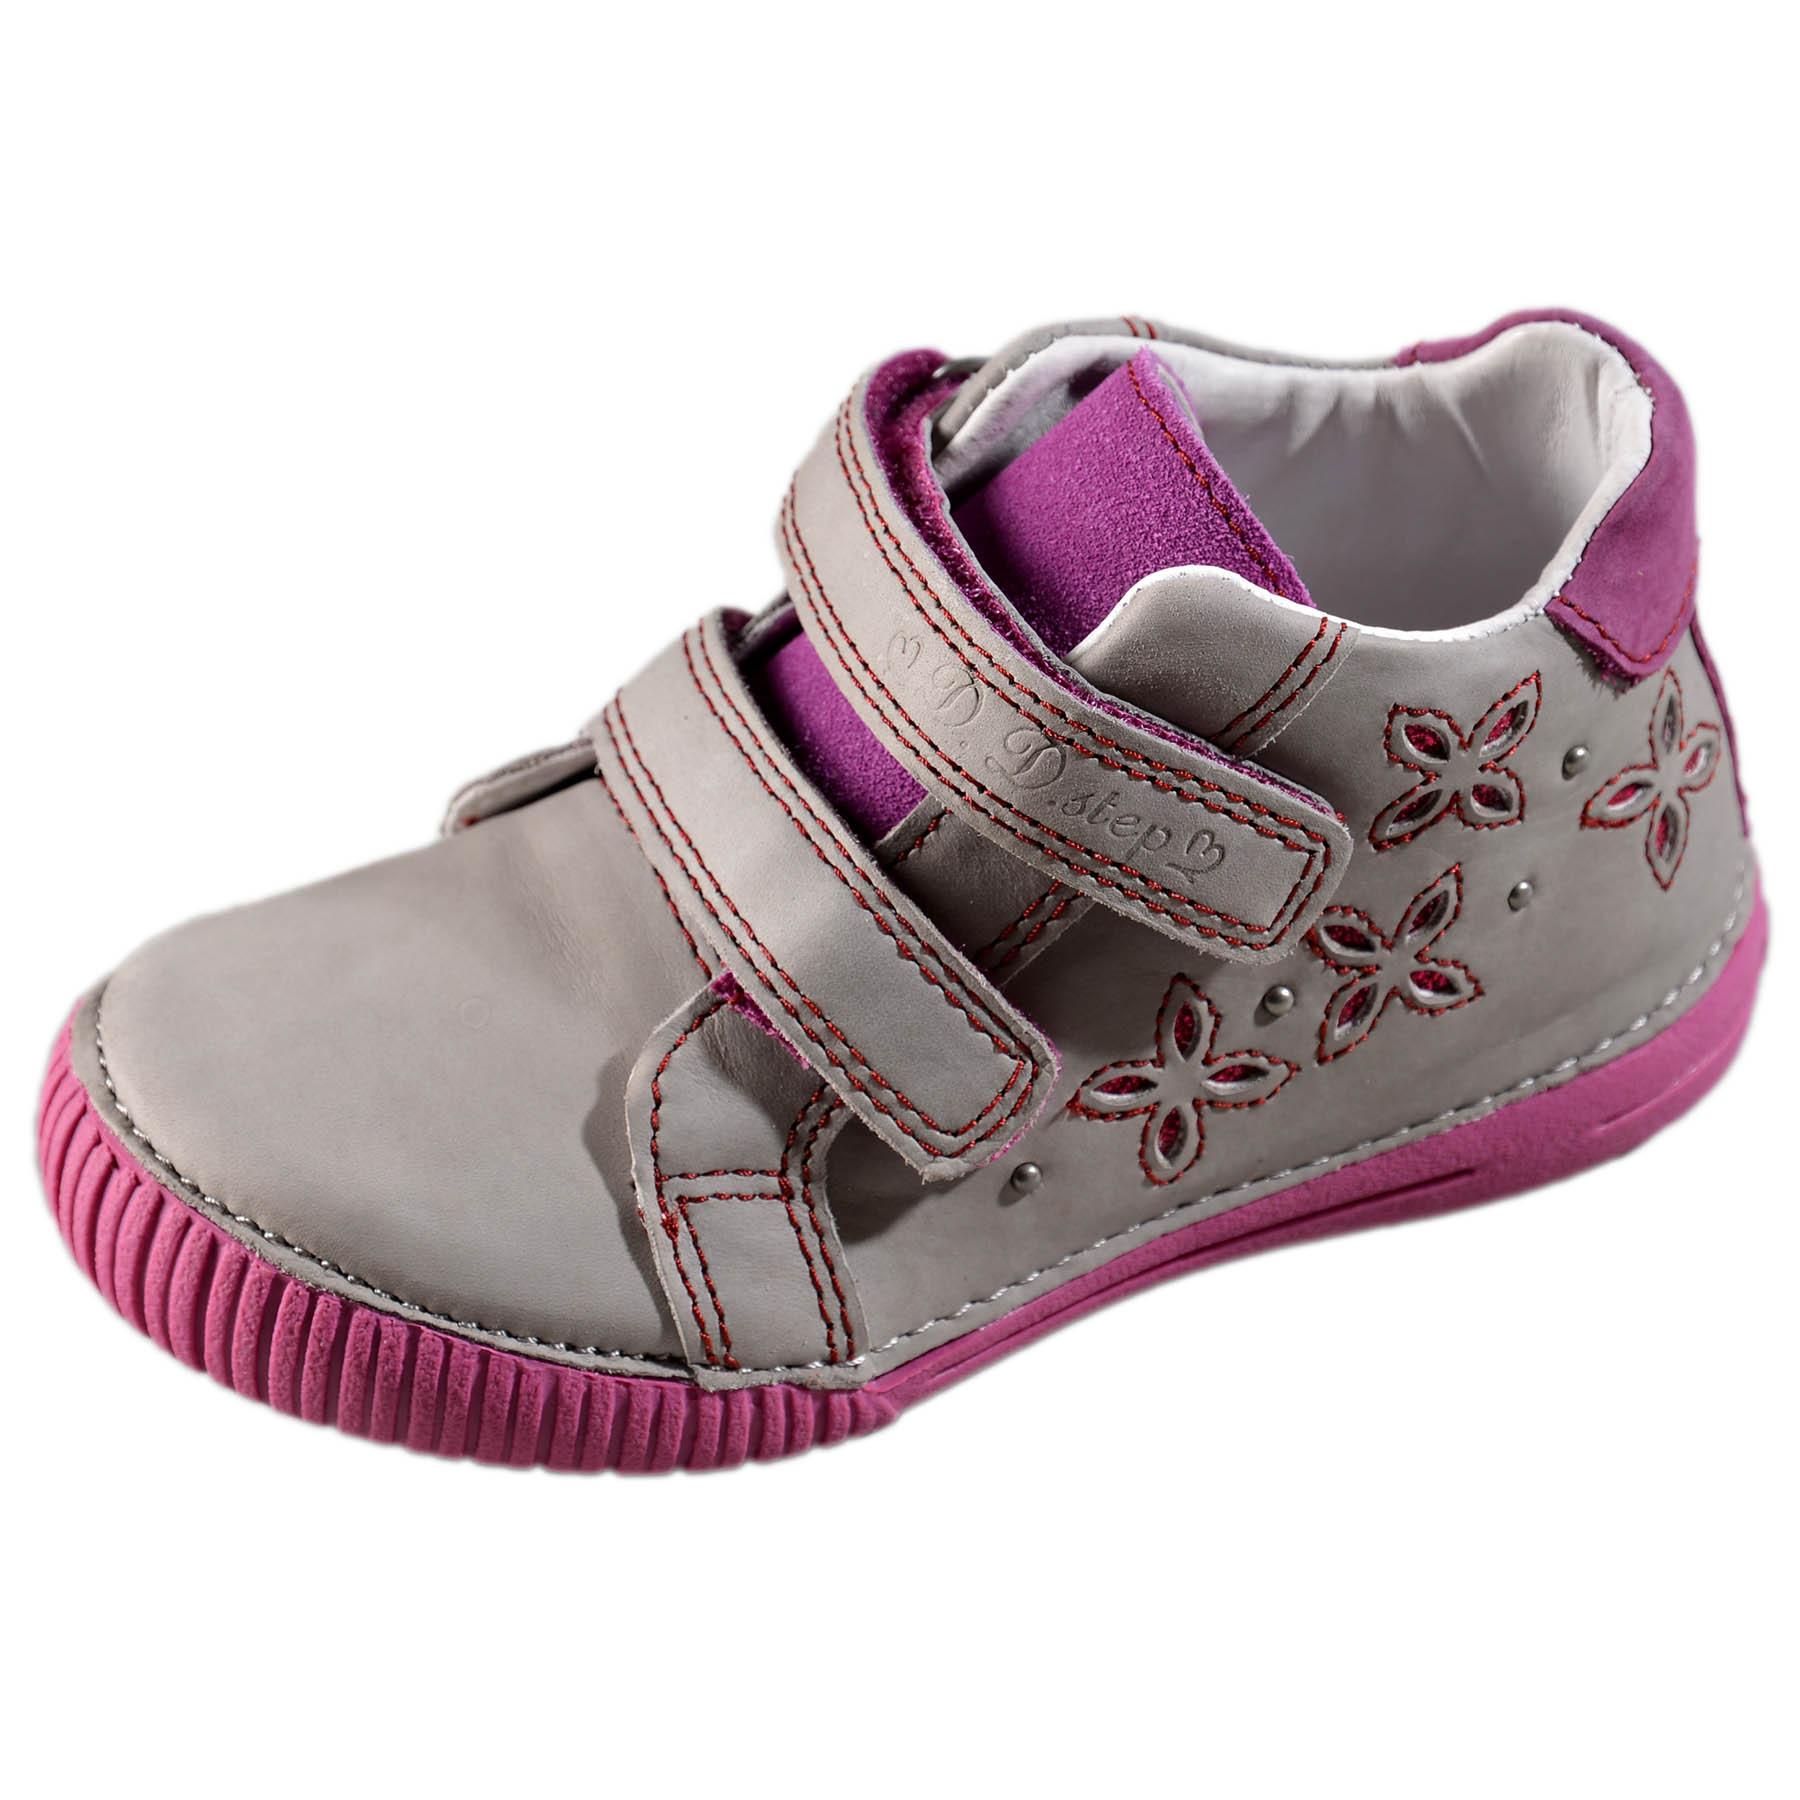 404968bf1d59 Dievčenské prechodné kožené topánky-Dark grey DDstep - 036-704AL ...